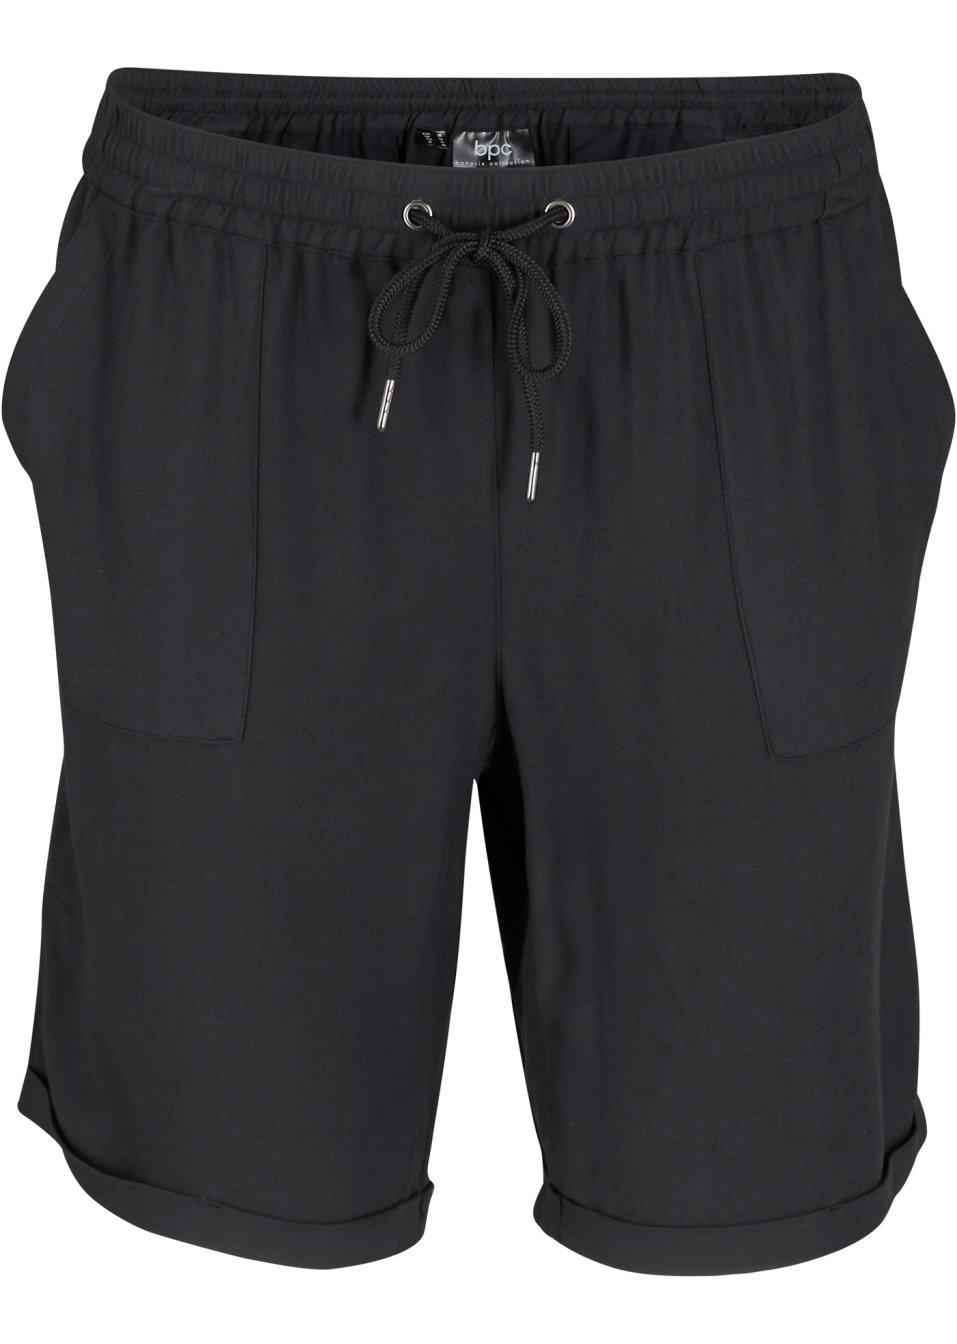 Fließende Shorts aus weicher Viskose mit elastischem Bund - schwarz 0bSNJ ol7f3